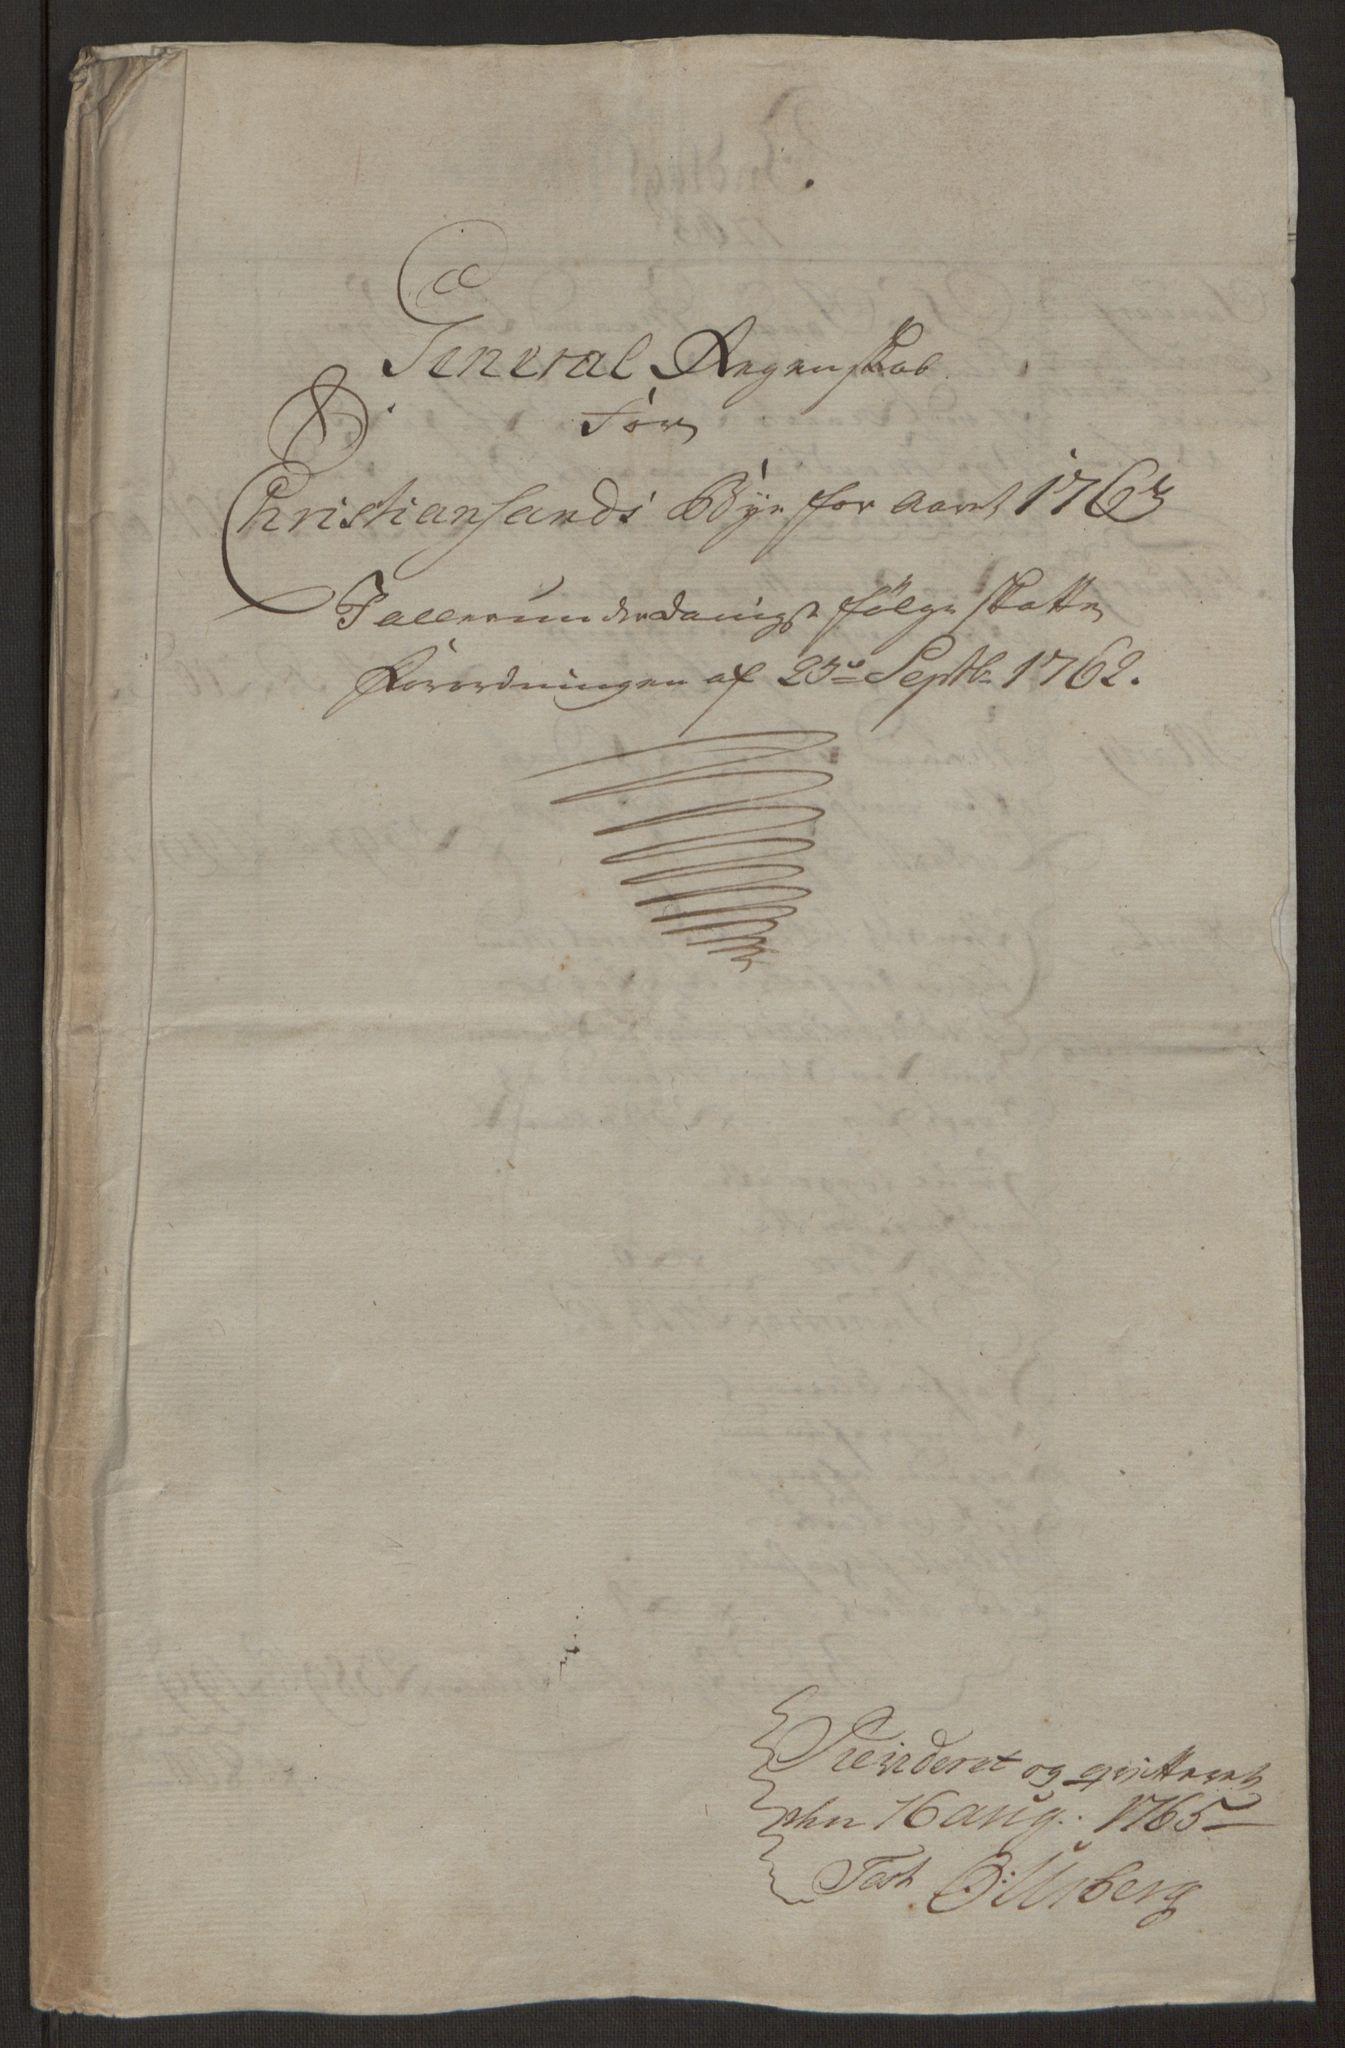 RA, Rentekammeret inntil 1814, Reviderte regnskaper, Byregnskaper, R/Rm/L0265: [M6] Kontribusjonsregnskap, 1762-1764, s. 71